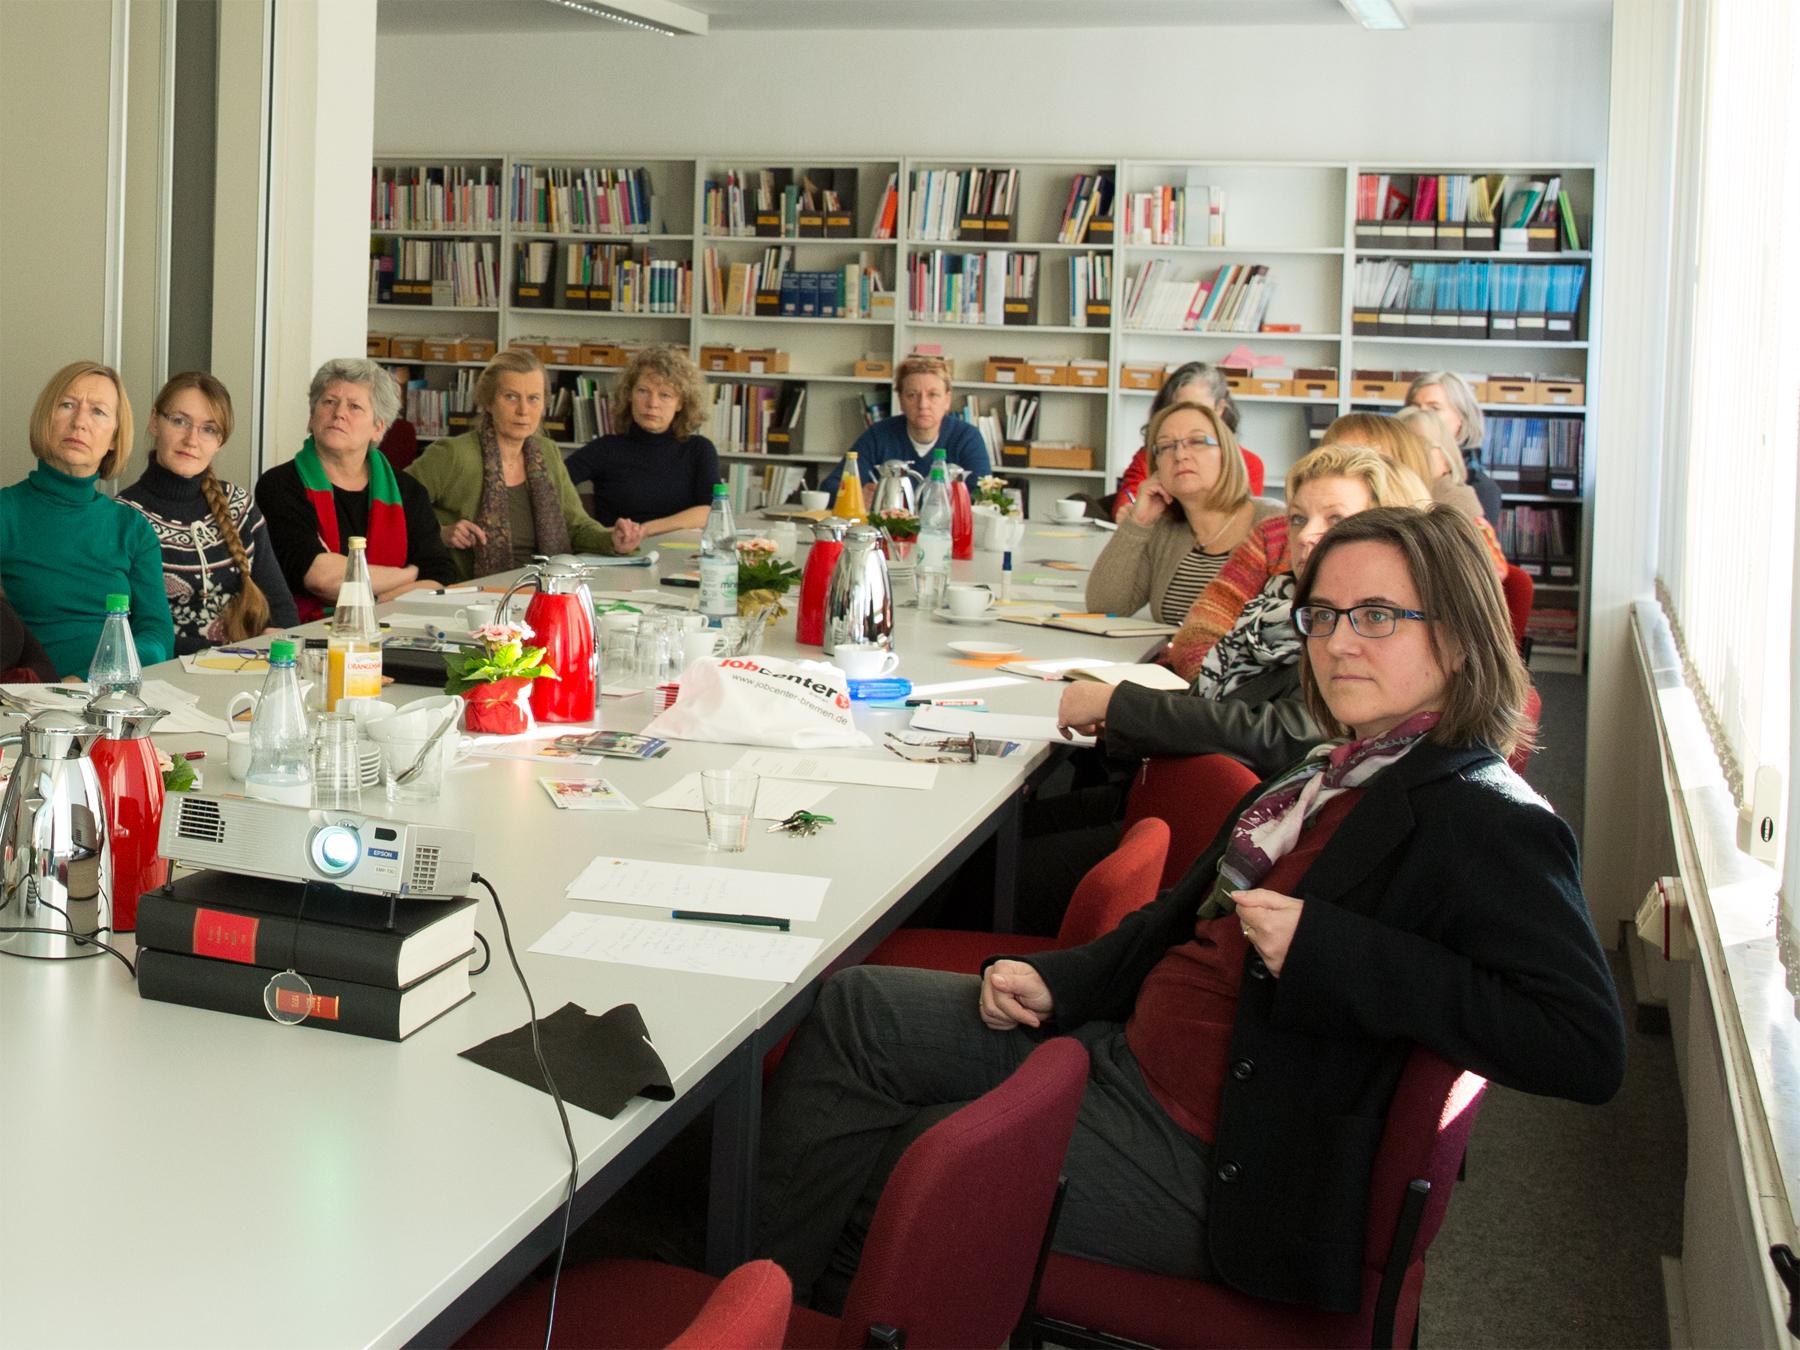 Frauen in einem Meeting